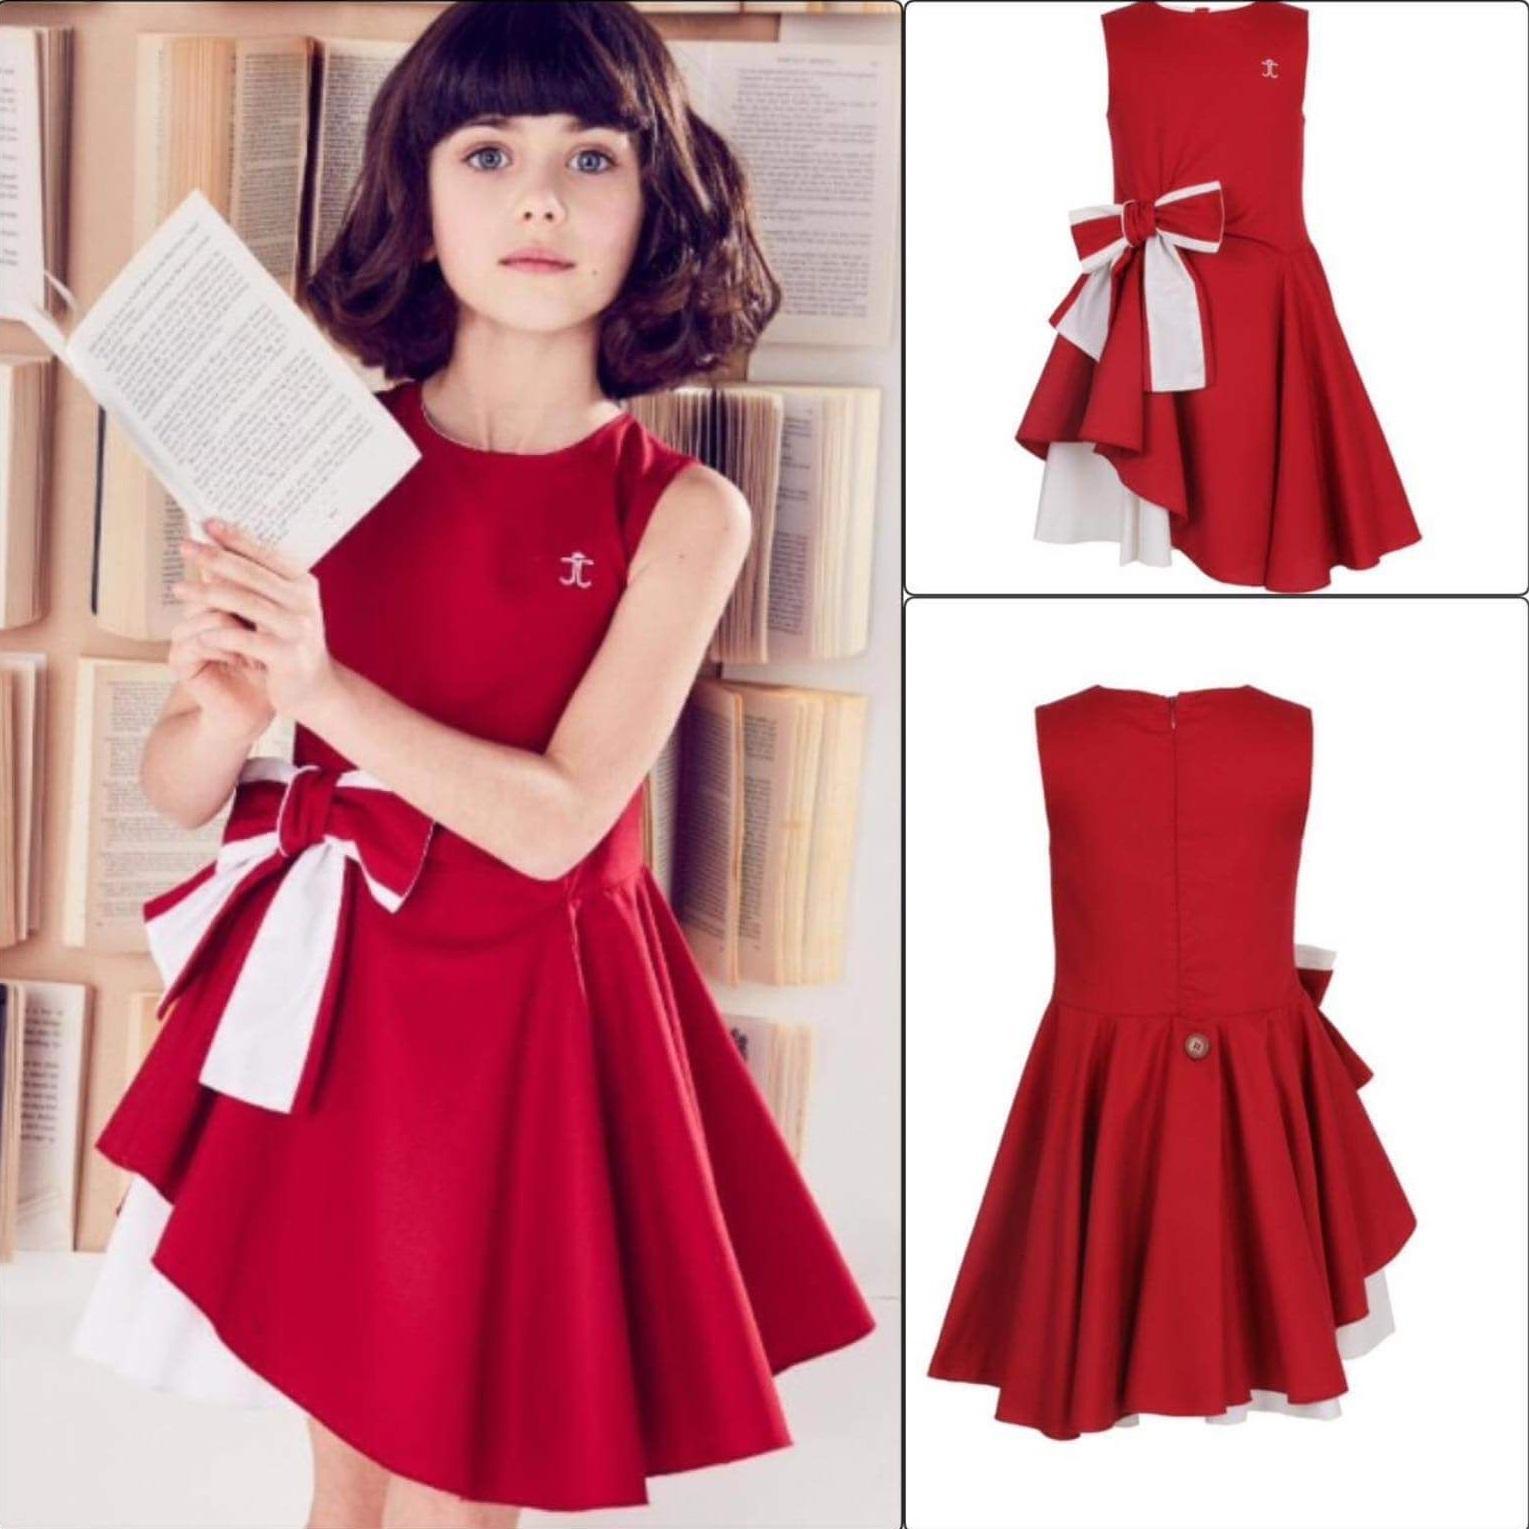 Sukienka swiateczna mikołajka dla dziewczynki - Sukienka dla dziewczynki na swieta  14